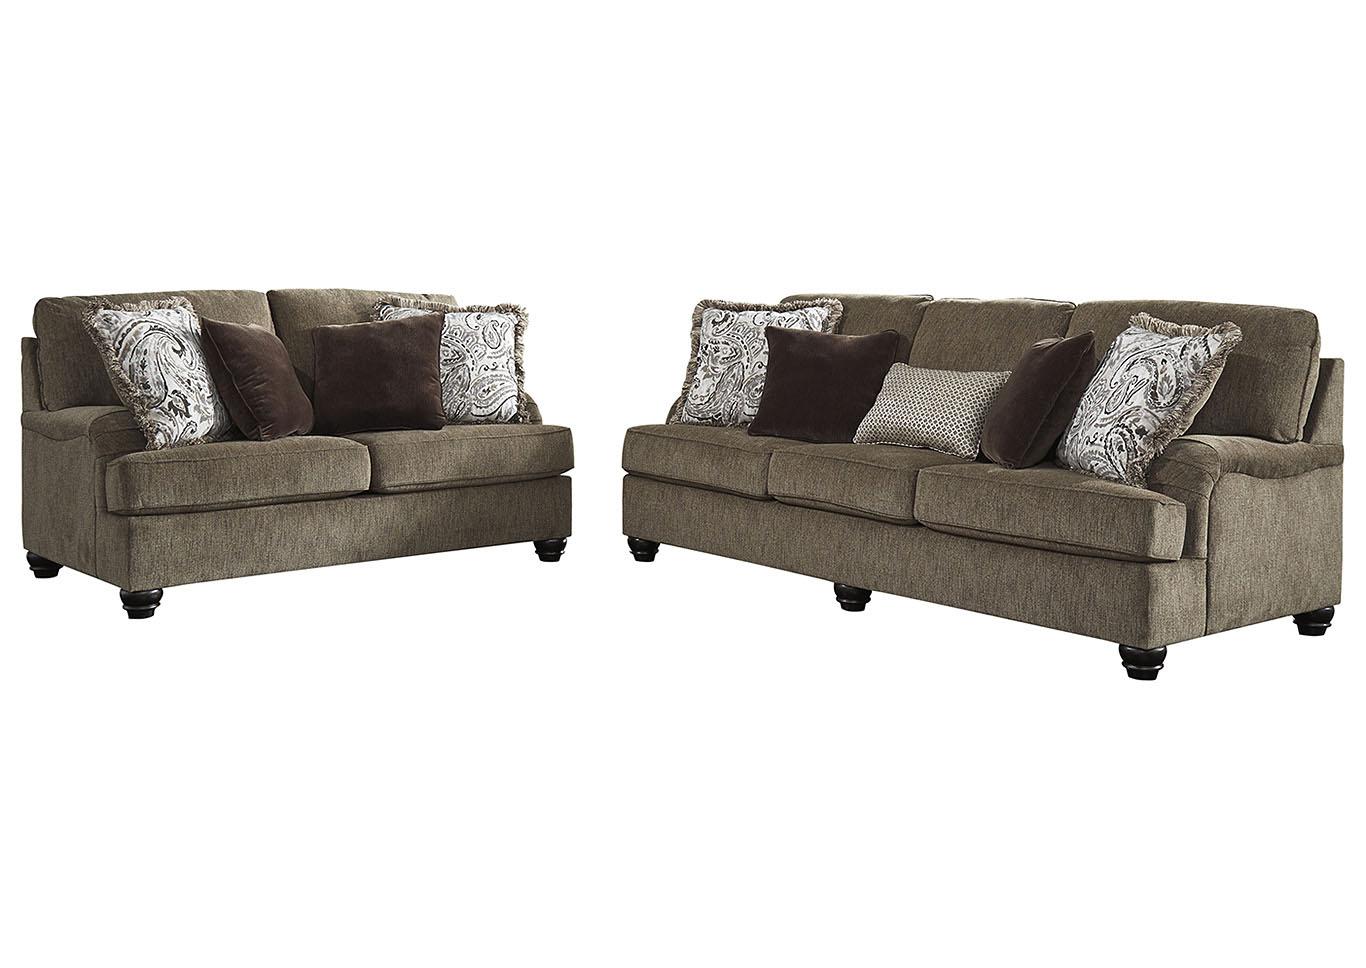 Braemar cama y un sofá doble de la Plaza C/8 almohadas